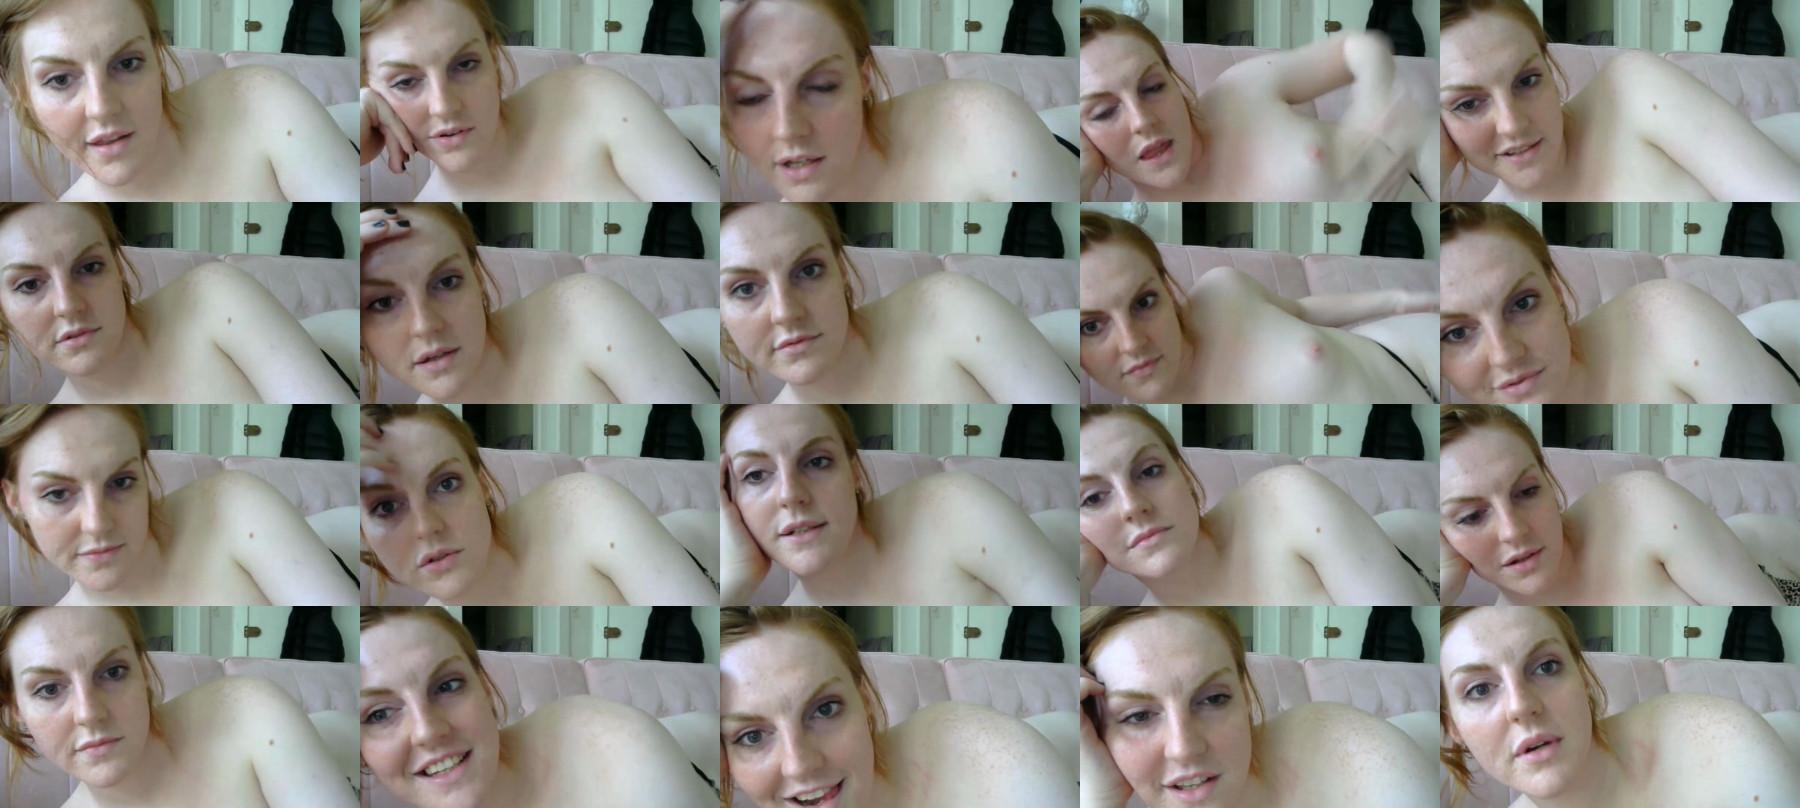 Hottgirlginger ts 12-06-2021 Chaturbate trans Naked